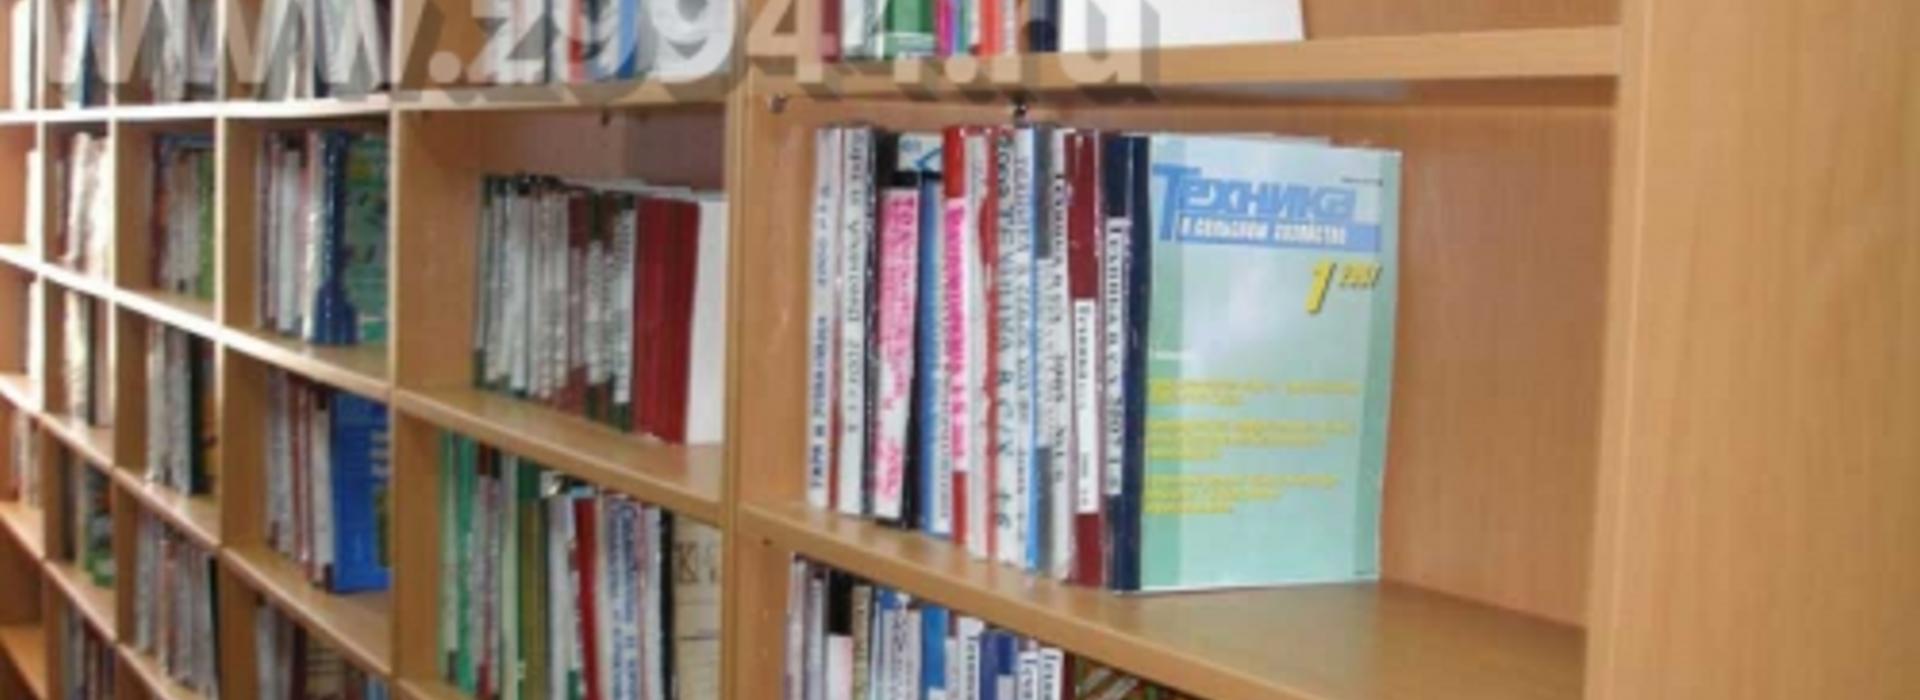 Отдел обслуживания в Институте среднего профессионального образования им. К. Д. Ушинского: учебный корпус «Колледж Медведково»